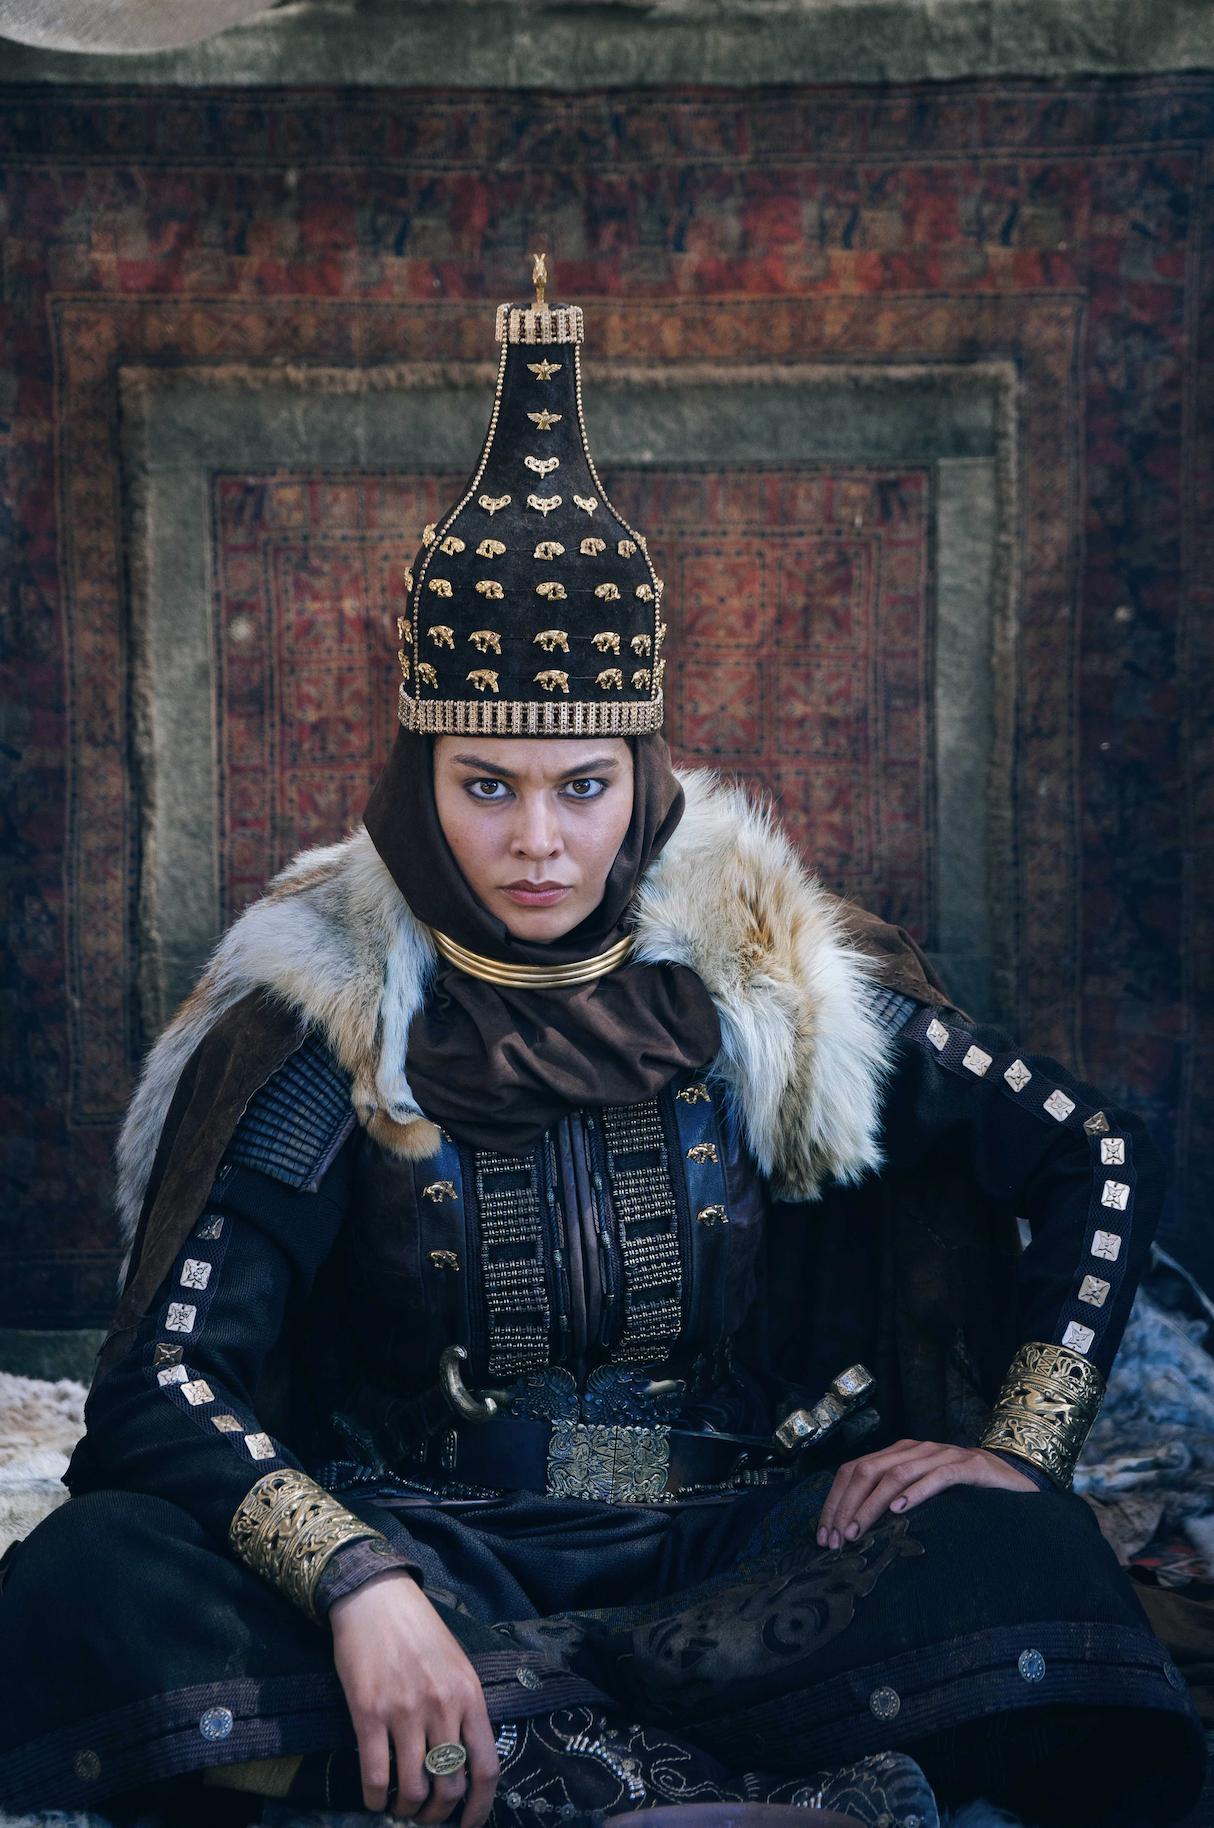 """Akan Satayev'in yönetmenliğini üstlendiği """"Tomris"""", 6. yüzyılda İskit-Saka İmparatorluğu'nun başına geçerek Türk tarihinin ilk kadın hükümdarı olan Tomris Hatun'un hayatını konu ediniyor. Kazakistan ve Rusya ortak yapımı filmde, Almira Tursyn, Adil Akhmetov, Erkebulan Dairov, Aizhan Lighg ve Berik Aytzhanov rol alıyor."""